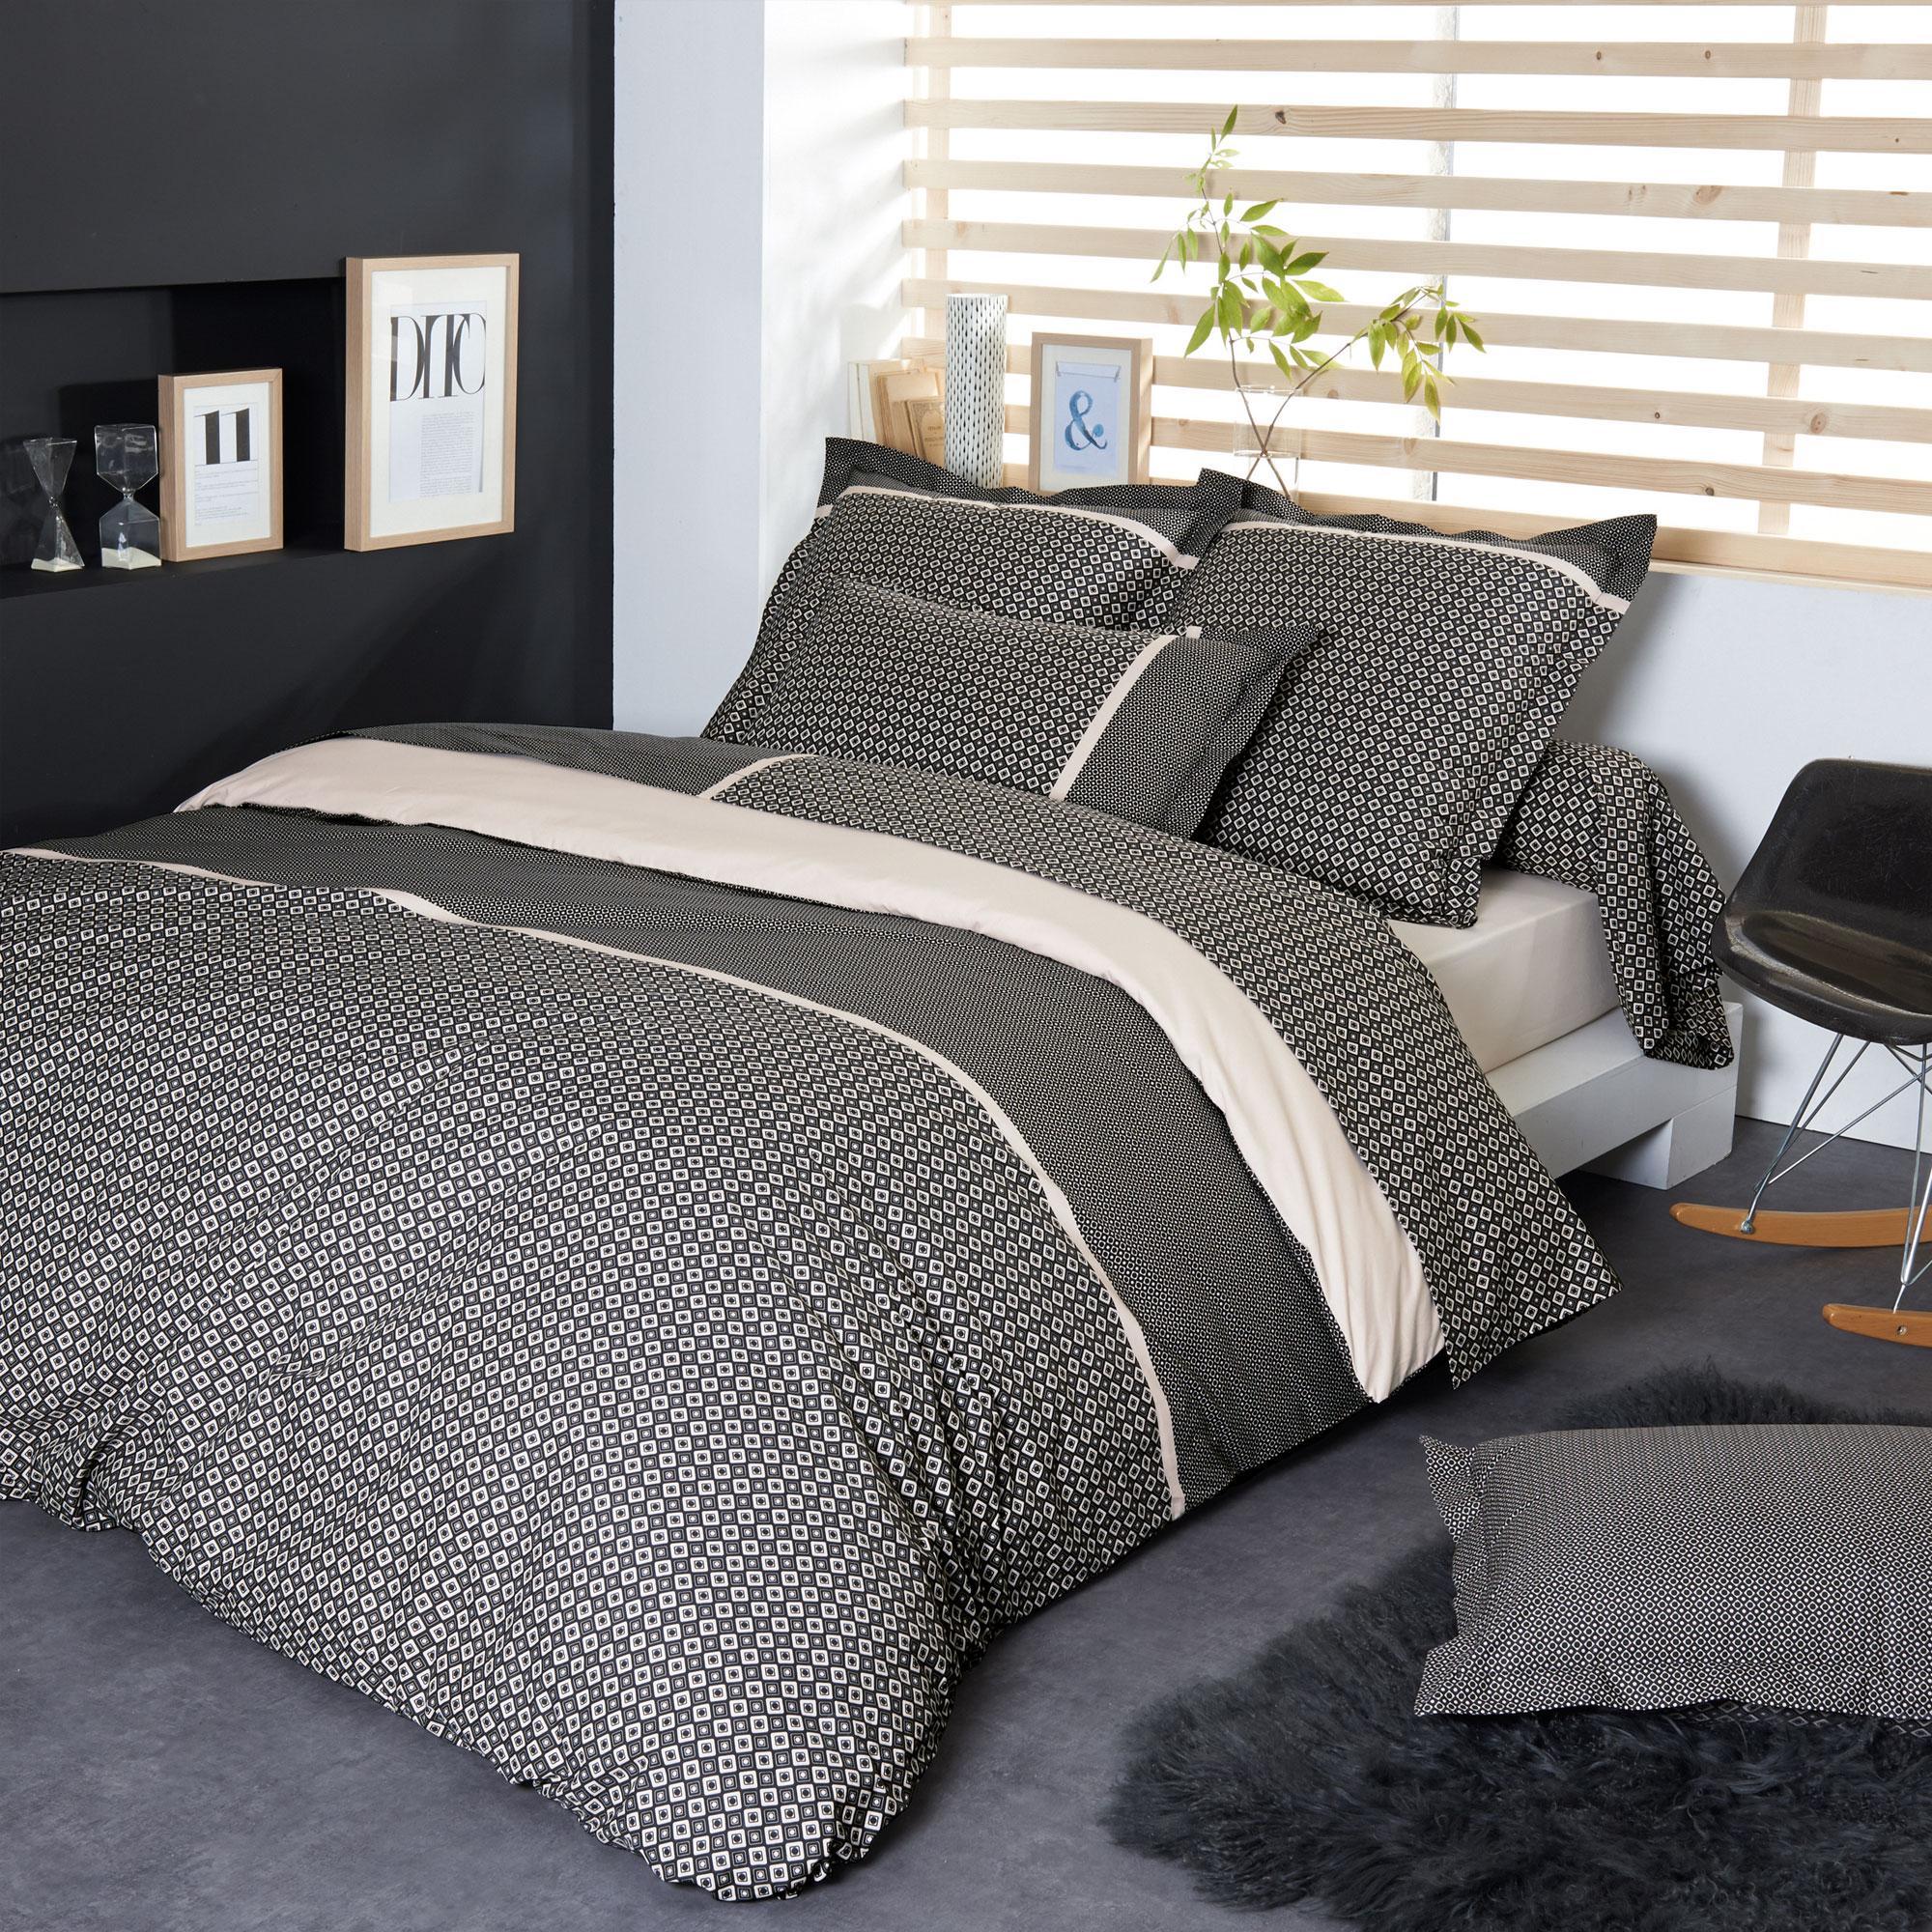 linge de lit 200 x 200 Parure de lit Percale pur coton peigné 200x200 cm GATSBY | Linnea  linge de lit 200 x 200